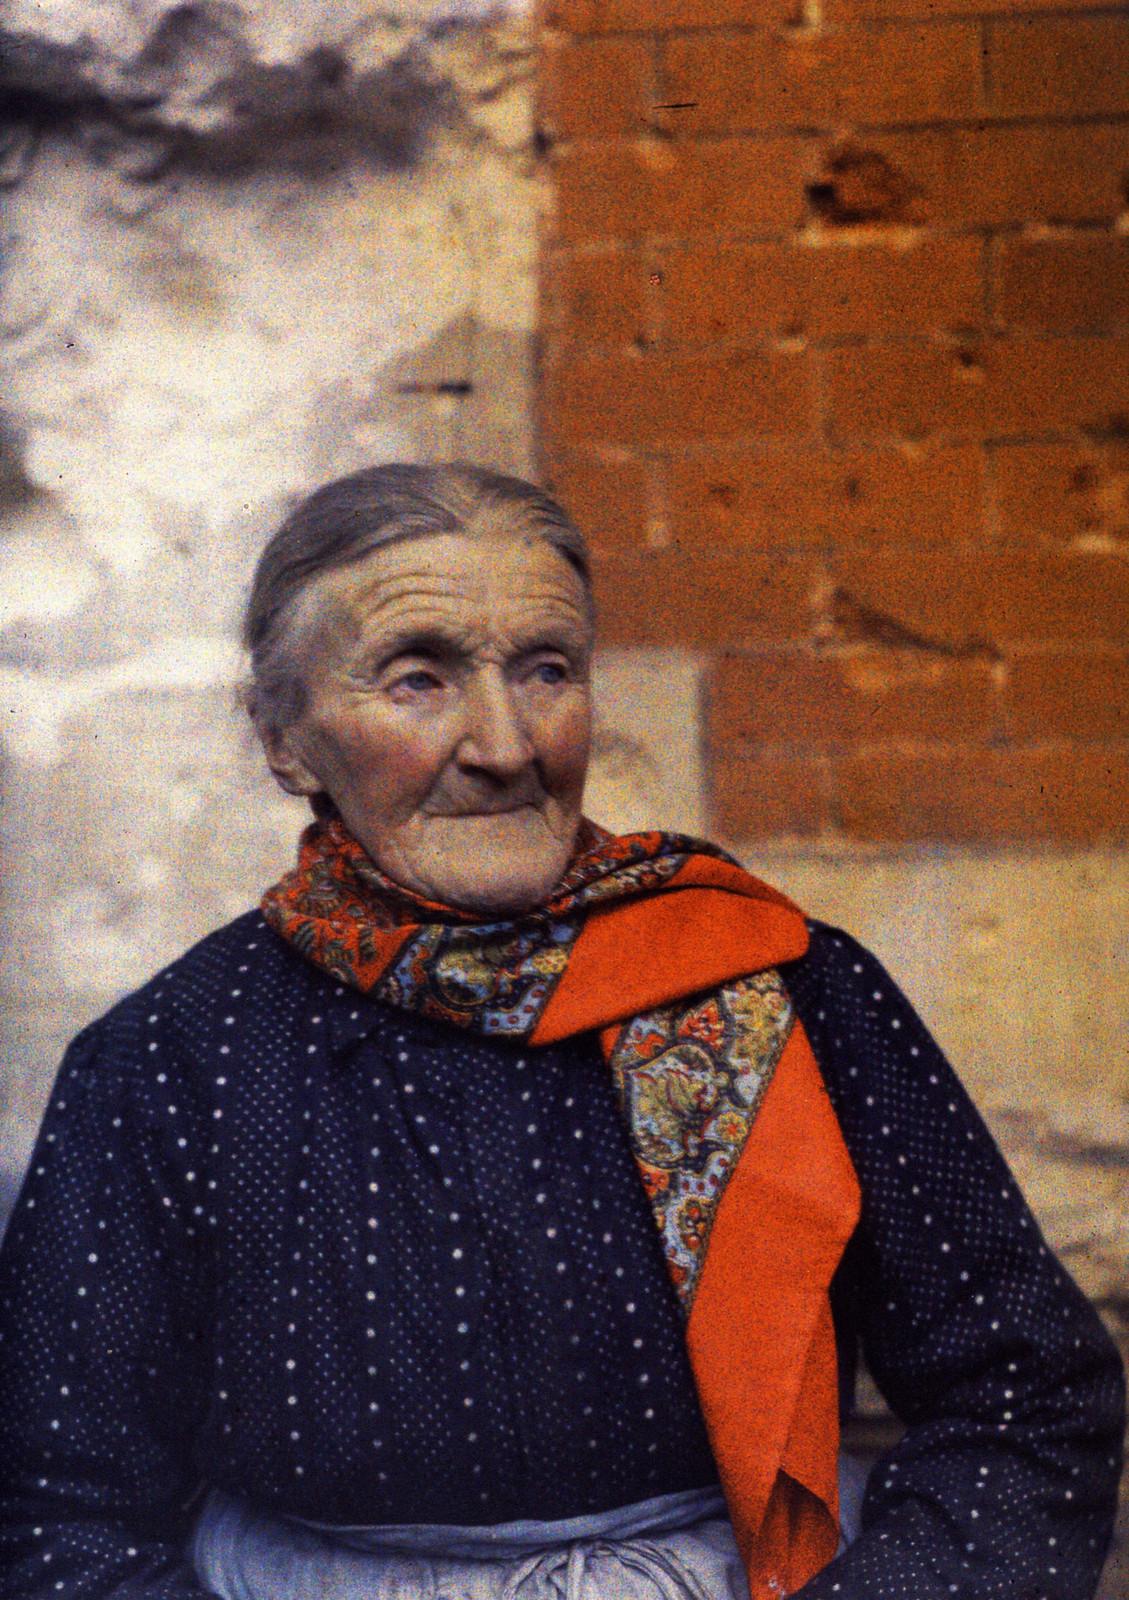 1917. Пожилая женщина в Реймсе, 6 апреля